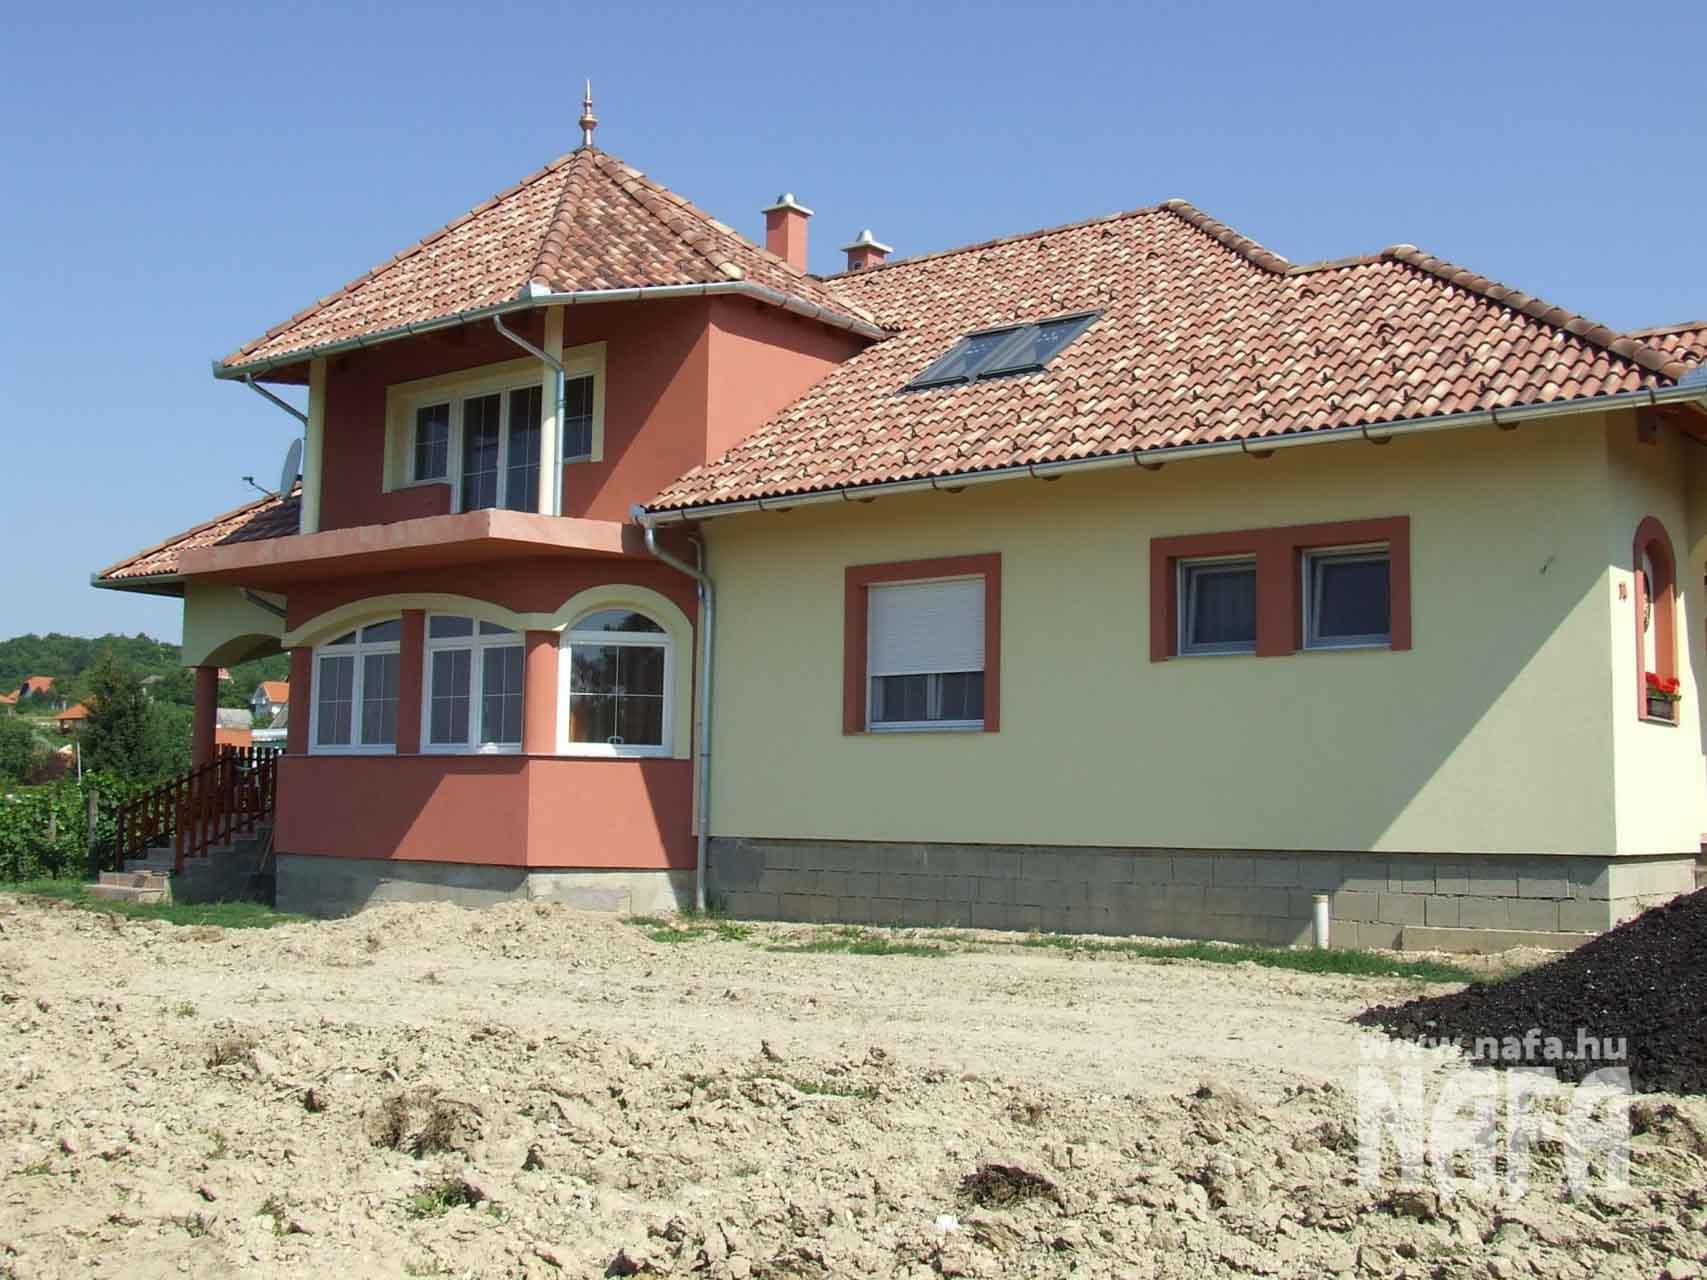 Műanyag nyílászárók, egyedi ablakok és ajtók, Balaton Családiház